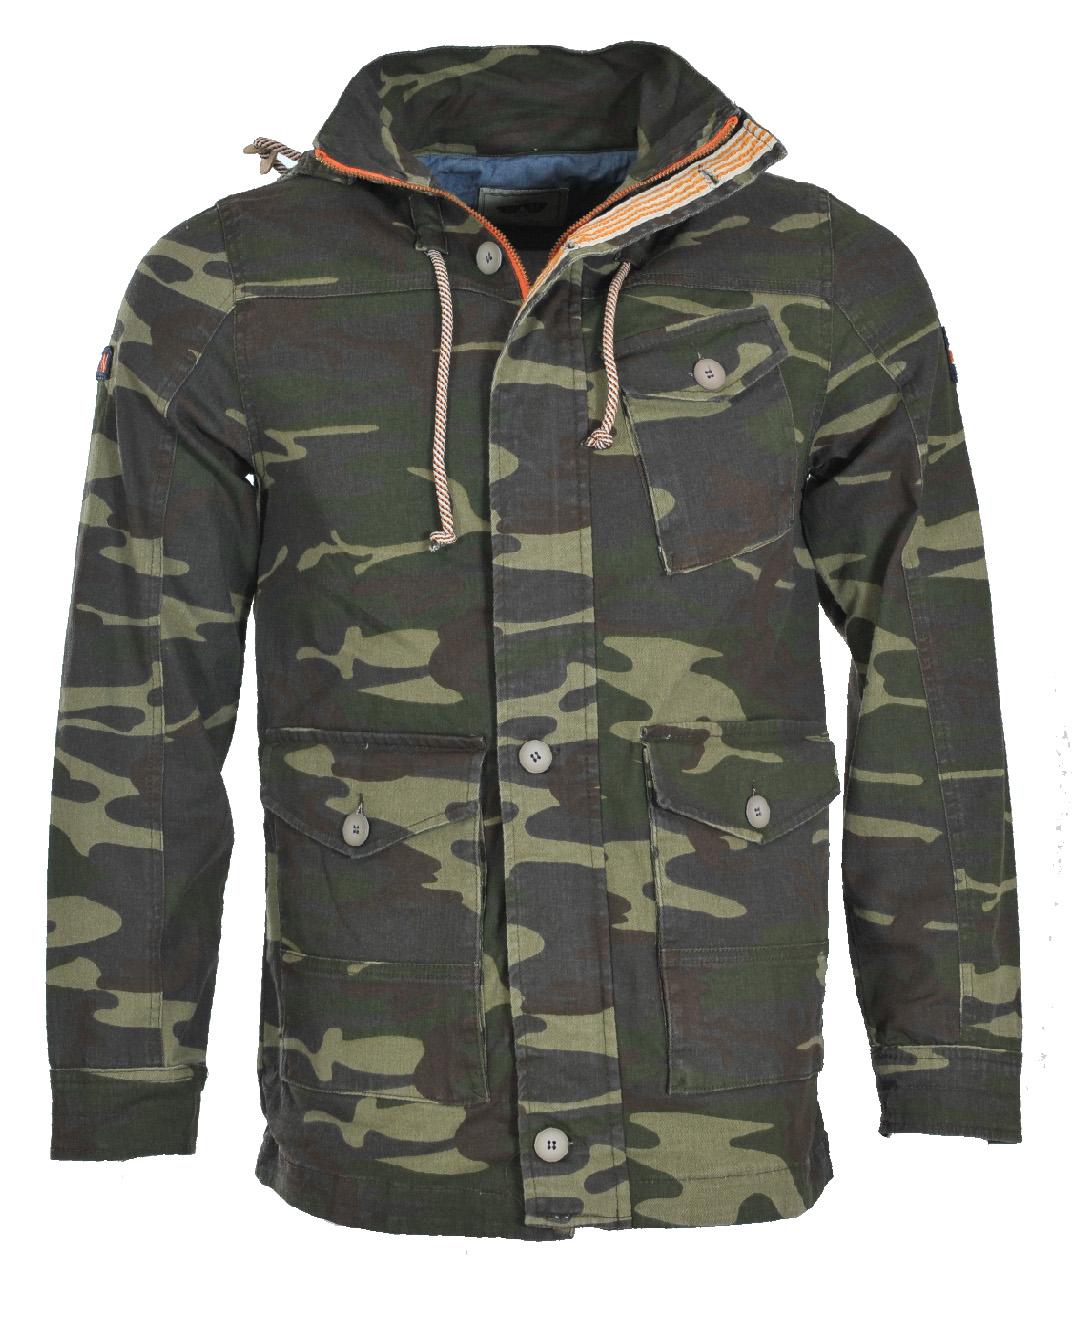 Ανδρικό Mπουφάν Army London αρχική ανδρικά ρούχα επιλογή ανά προϊόν μπουφάν